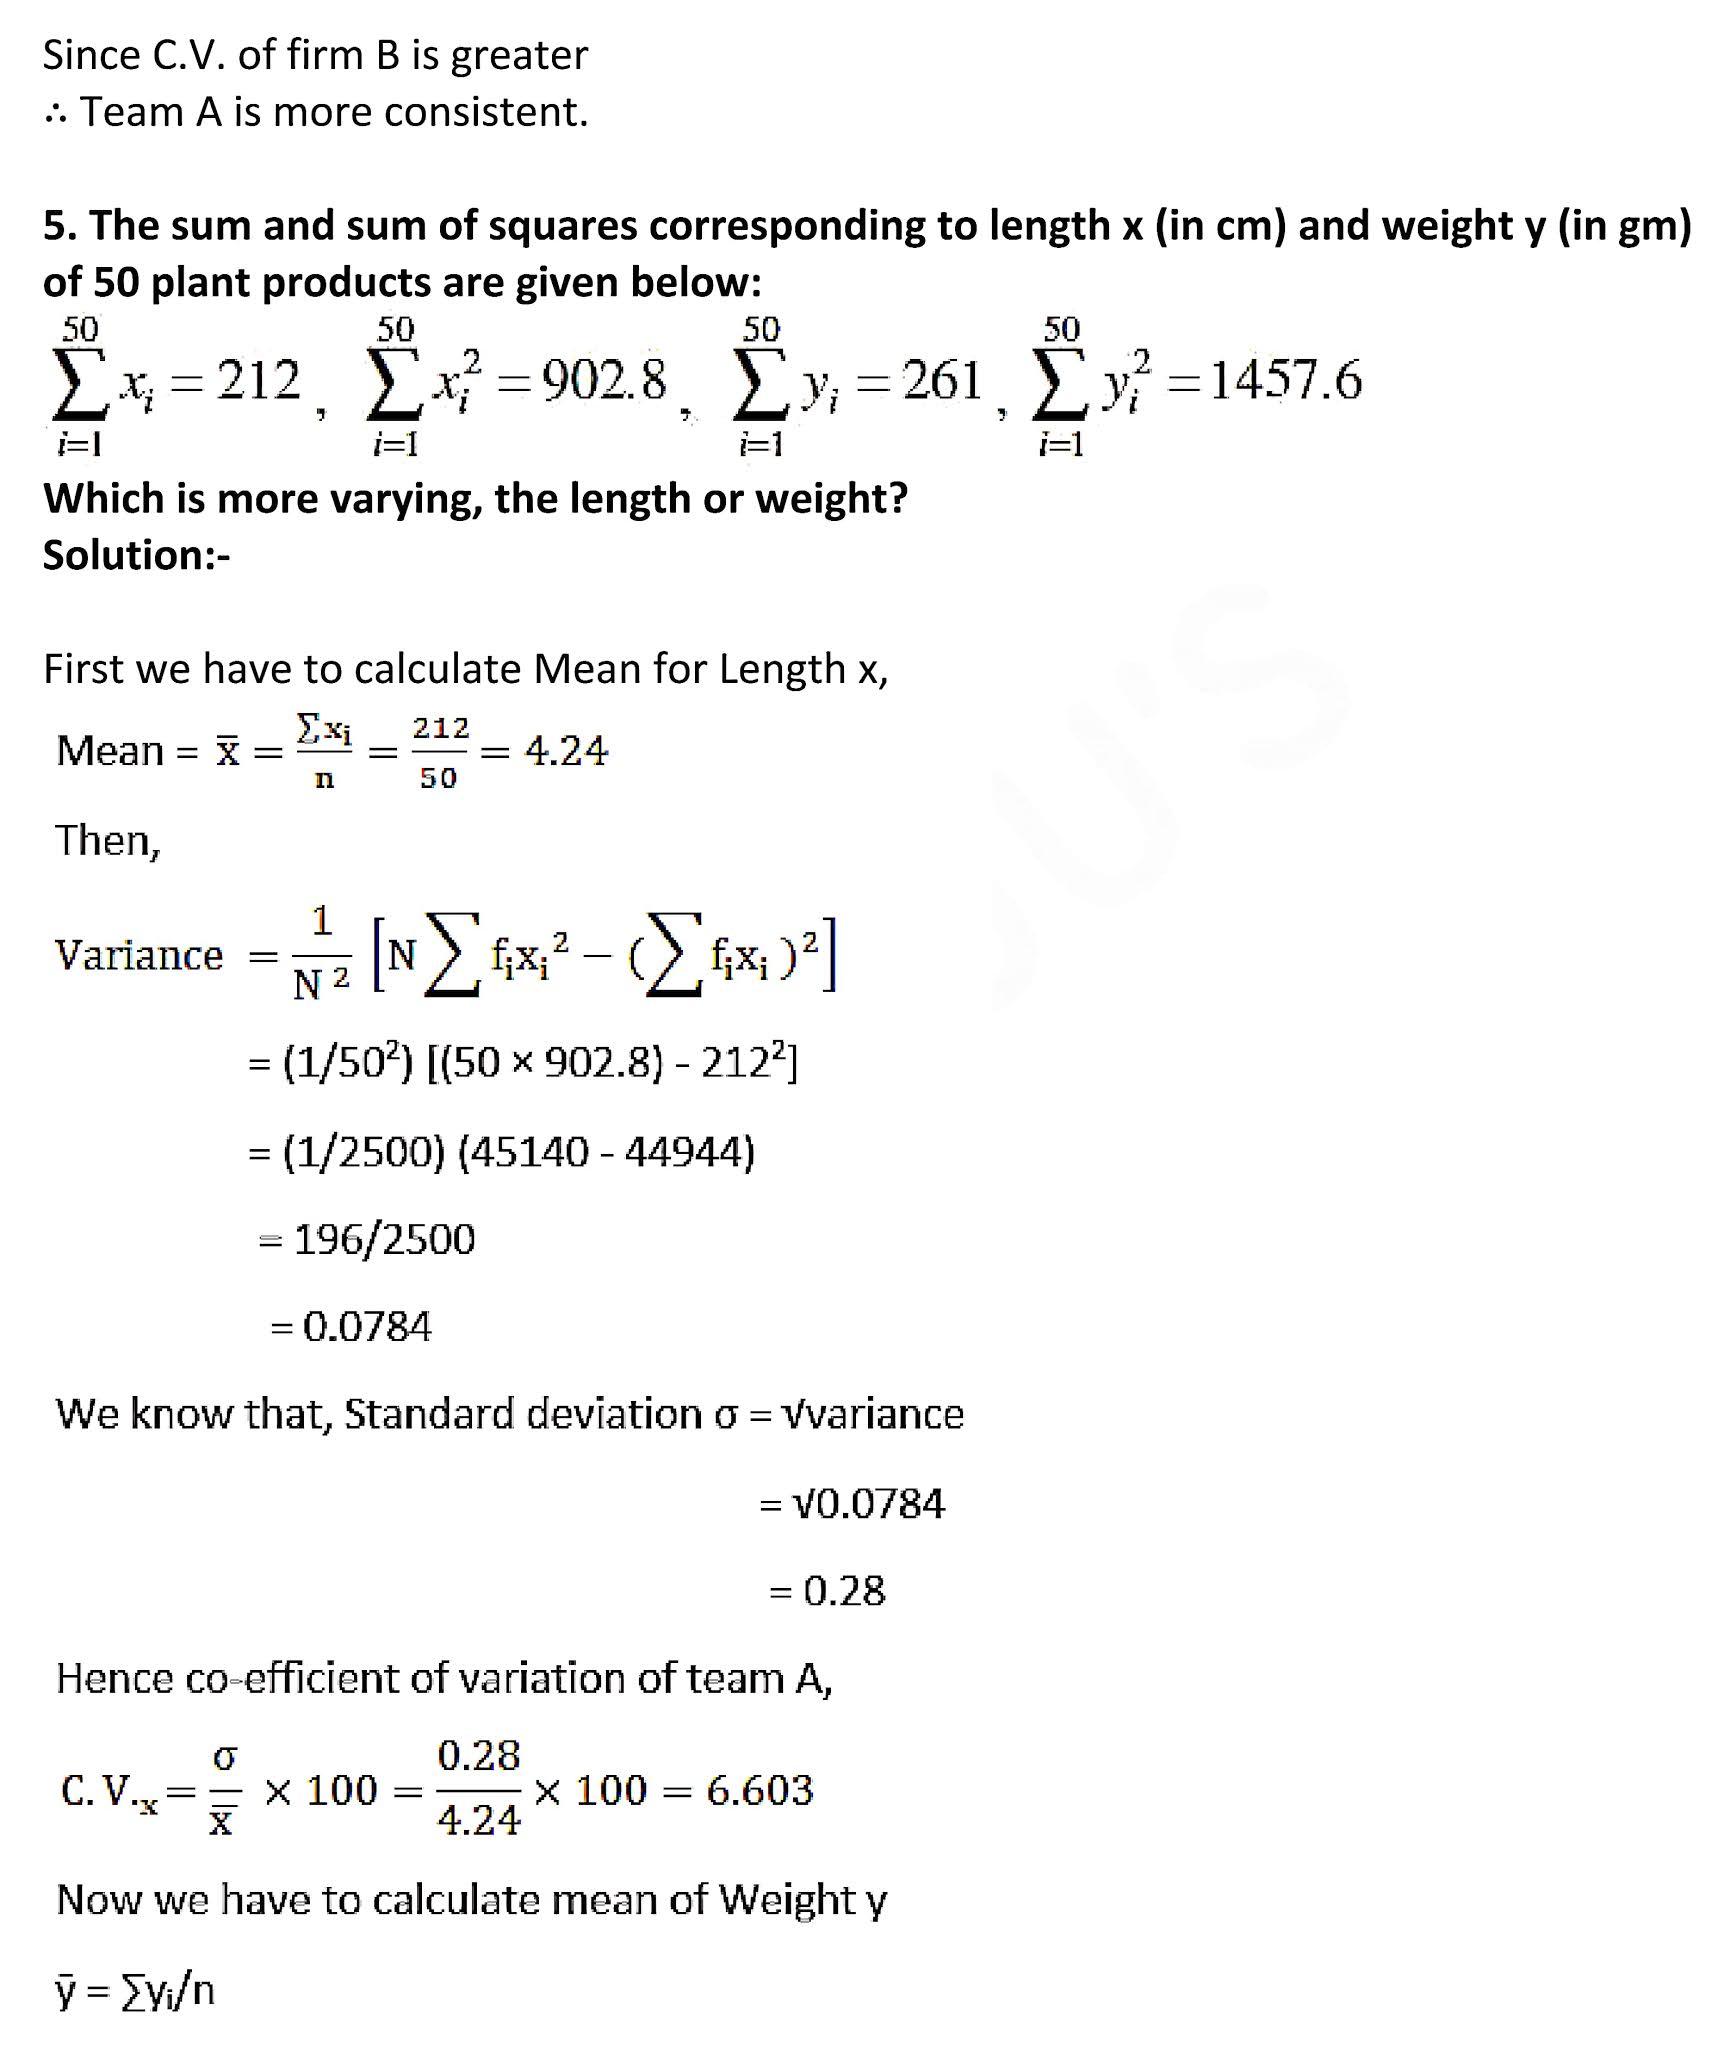 Class 11 Maths Chapter 15 Statistics,  11th Maths book in hindi,11th Maths notes in hindi,cbse books for class  11,cbse books in hindi,cbse ncert books,class  11  Maths notes in hindi,class  11 hindi ncert solutions, Maths 2020, Maths 2021, Maths 2022, Maths book class  11, Maths book in hindi, Maths class  11 in hindi, Maths notes for class  11 up board in hindi,ncert all books,ncert app in hindi,ncert book solution,ncert books class 10,ncert books class  11,ncert books for class 7,ncert books for upsc in hindi,ncert books in hindi class 10,ncert books in hindi for class  11  Maths,ncert books in hindi for class 6,ncert books in hindi pdf,ncert class  11 hindi book,ncert english book,ncert  Maths book in hindi,ncert  Maths books in hindi pdf,ncert  Maths class  11,ncert in hindi,old ncert books in hindi,online ncert books in hindi,up board  11th,up board  11th syllabus,up board class 10 hindi book,up board class  11 books,up board class  11 new syllabus,up Board  Maths 2020,up Board  Maths 2021,up Board  Maths 2022,up Board  Maths 2023,up board intermediate  Maths syllabus,up board intermediate syllabus 2021,Up board Master 2021,up board model paper 2021,up board model paper all subject,up board new syllabus of class 11th Maths,up board paper 2021,Up board syllabus 2021,UP board syllabus 2022,   11 वीं मैथ्स पुस्तक हिंदी में,  11 वीं मैथ्स नोट्स हिंदी में, कक्षा  11 के लिए सीबीएससी पुस्तकें, हिंदी में सीबीएससी पुस्तकें, सीबीएससी  पुस्तकें, कक्षा  11 मैथ्स नोट्स हिंदी में, कक्षा  11 हिंदी एनसीईआरटी समाधान, मैथ्स 2020, मैथ्स 2021, मैथ्स 2022, मैथ्स  बुक क्लास  11, मैथ्स बुक इन हिंदी, बायोलॉजी क्लास  11 हिंदी में, मैथ्स नोट्स इन क्लास  11 यूपी  बोर्ड इन हिंदी, एनसीईआरटी मैथ्स की किताब हिंदी में,  बोर्ड  11 वीं तक,  11 वीं तक की पाठ्यक्रम, बोर्ड कक्षा 10 की हिंदी पुस्तक  , बोर्ड की कक्षा  11 की किताबें, बोर्ड की कक्षा  11 की नई पाठ्यक्रम, बोर्ड मैथ्स 2020, यूपी   बोर्ड मैथ्स 2021, यूपी  बोर्ड मैथ्स 2022, यूपी  बोर्ड मैथ्स 2023, यूपी  बोर्ड इंटरमीडिएट बायोलॉजी सिलेबस, य